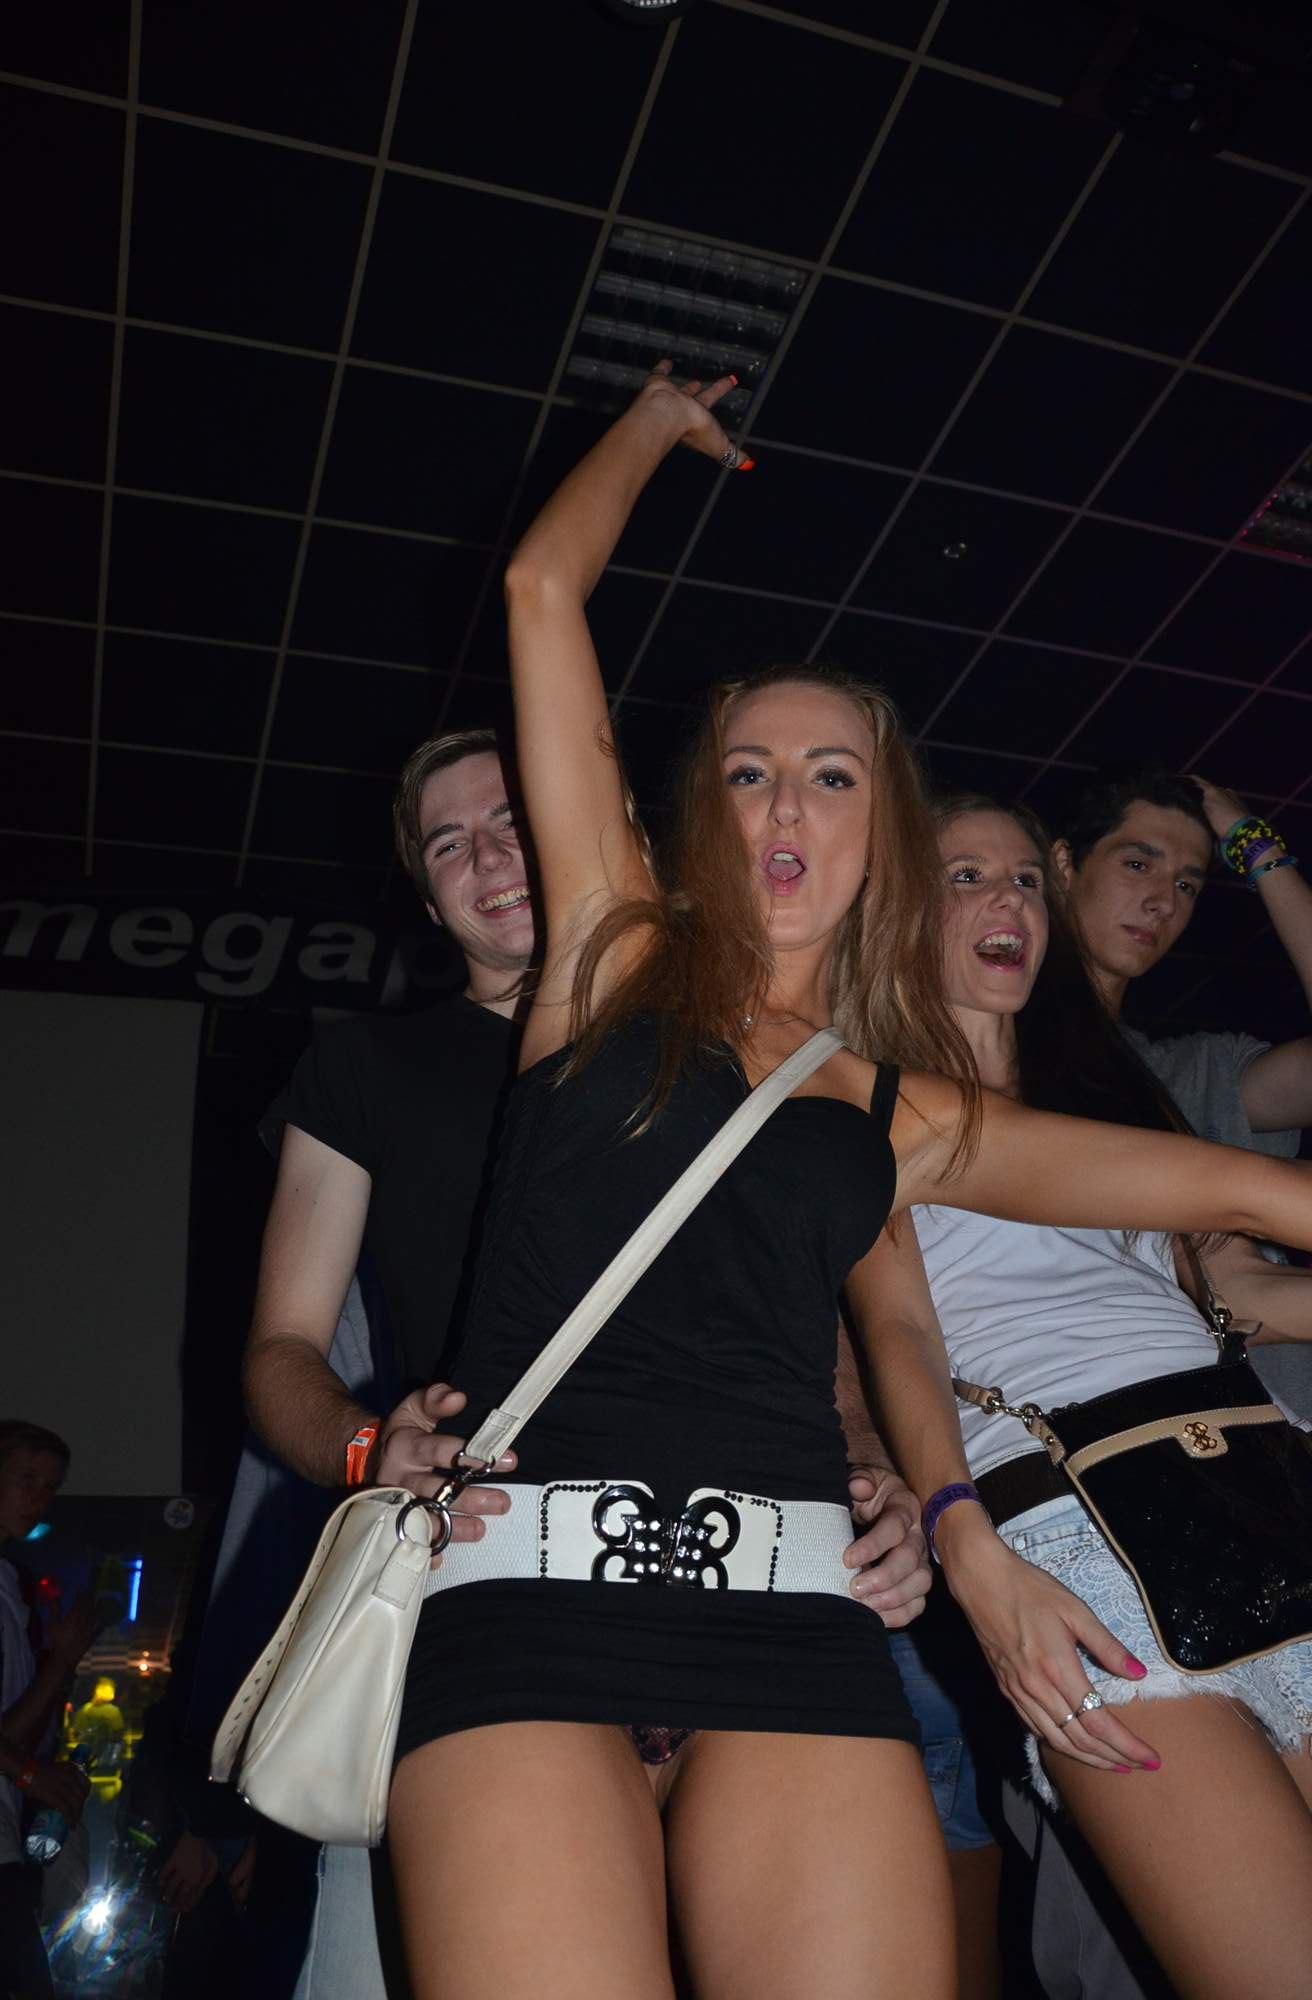 Девушка в черном мини-платье засветила трусики в клубе